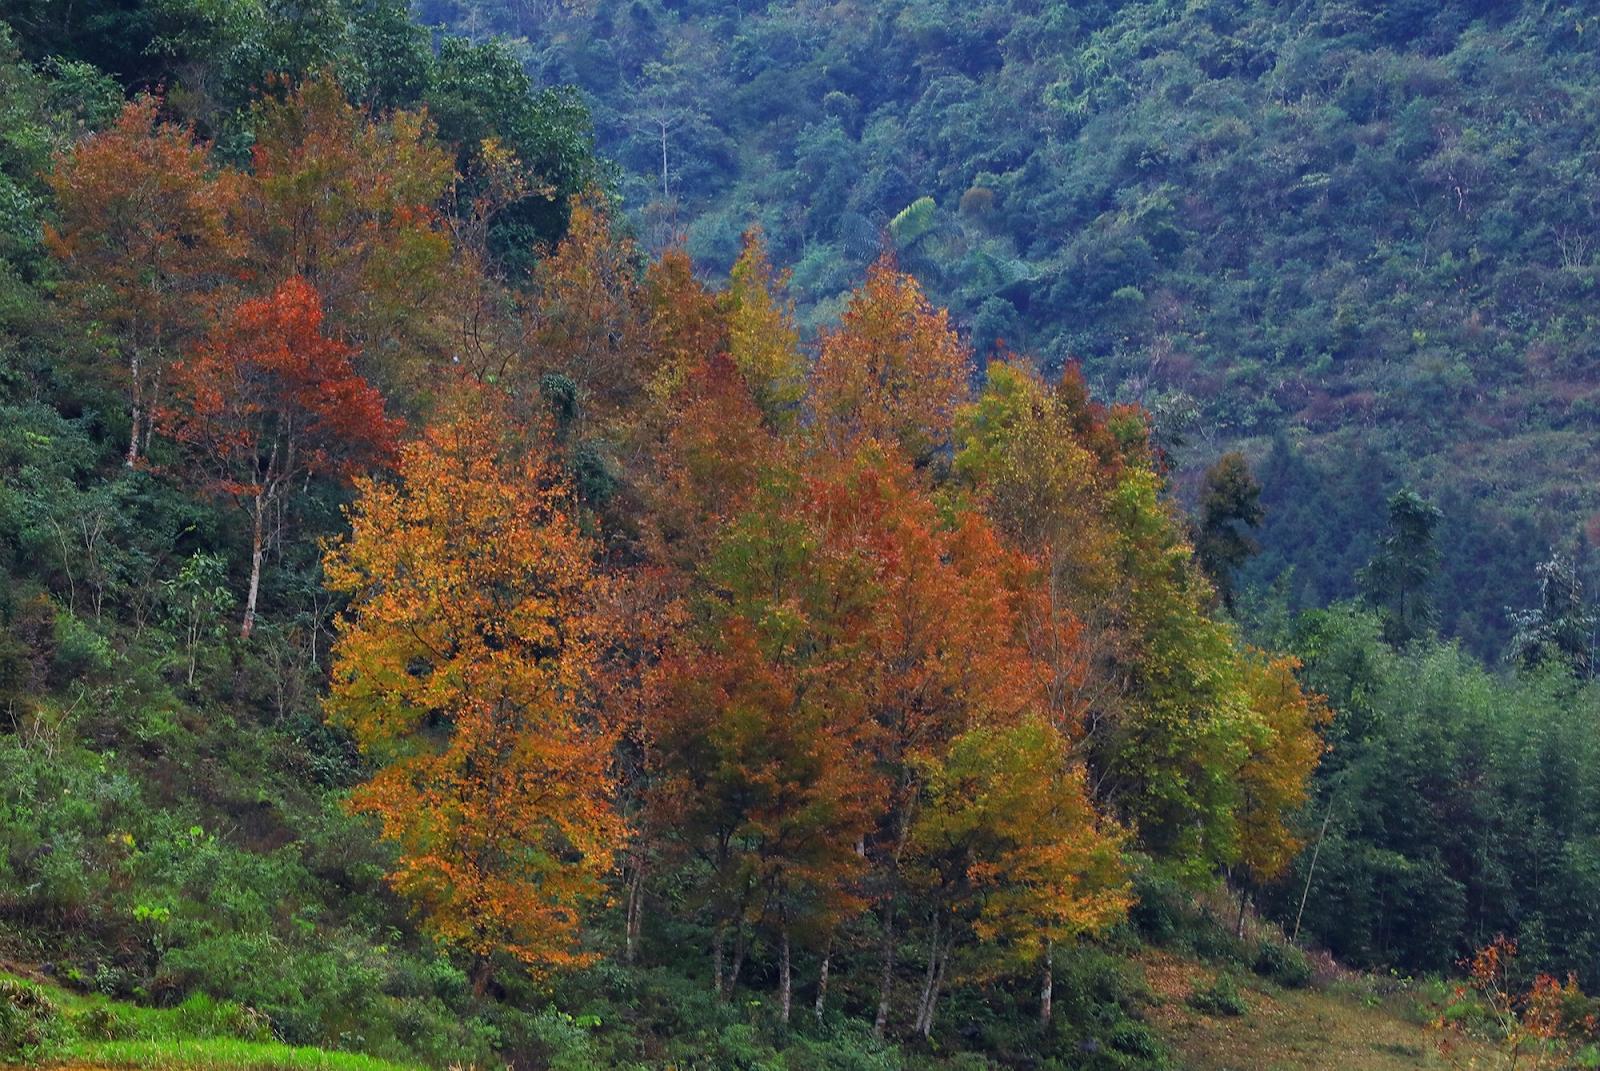 Cứ ngỡ như mình lạc vào khu rừng Hàn Quốc những ngày thu về